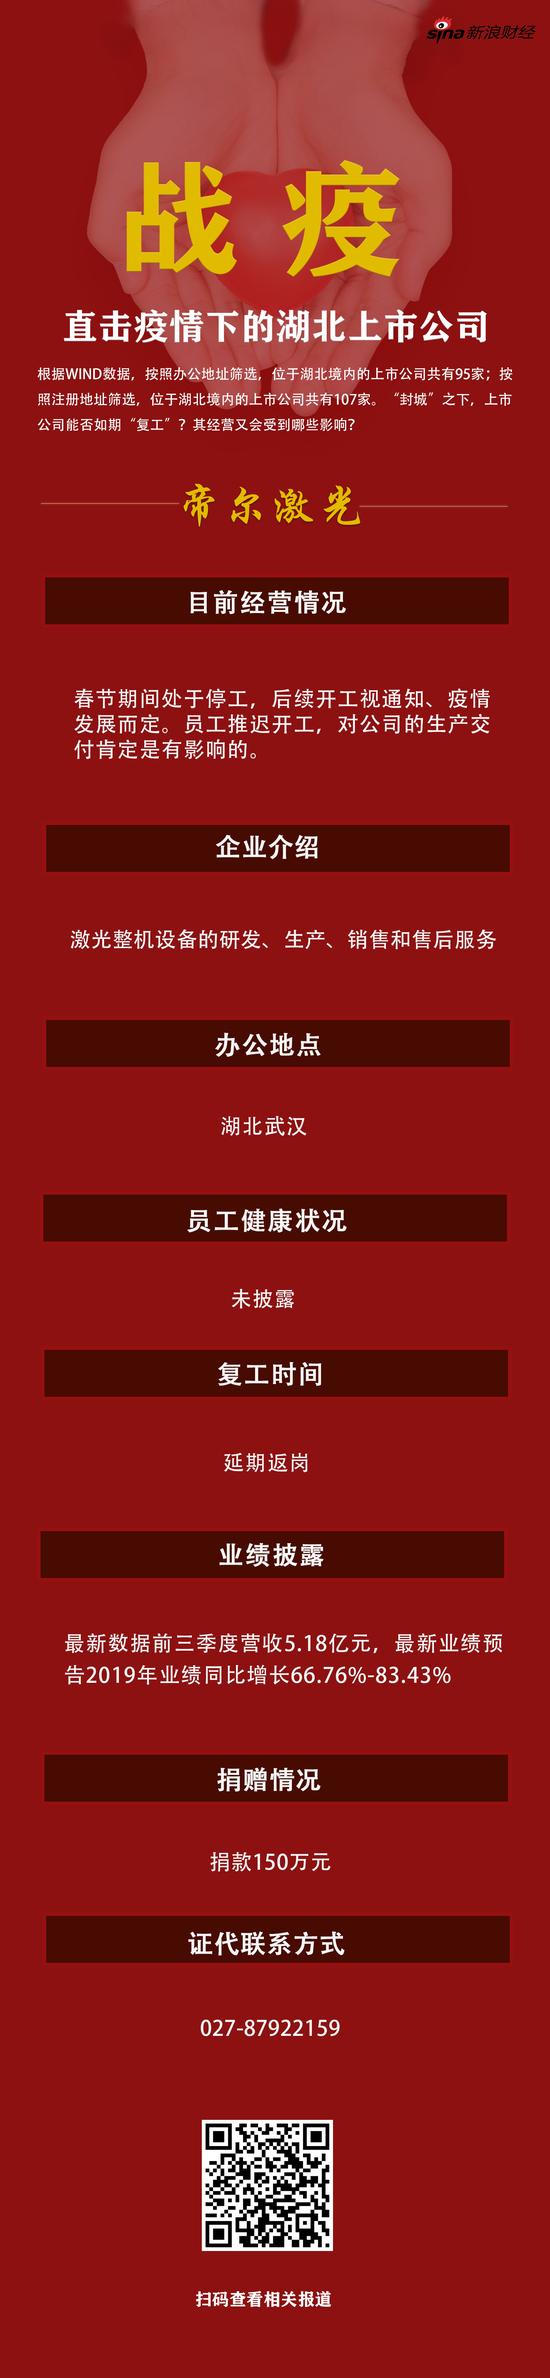 帝尔激光:春节期间处于停工  生产交付造成影响